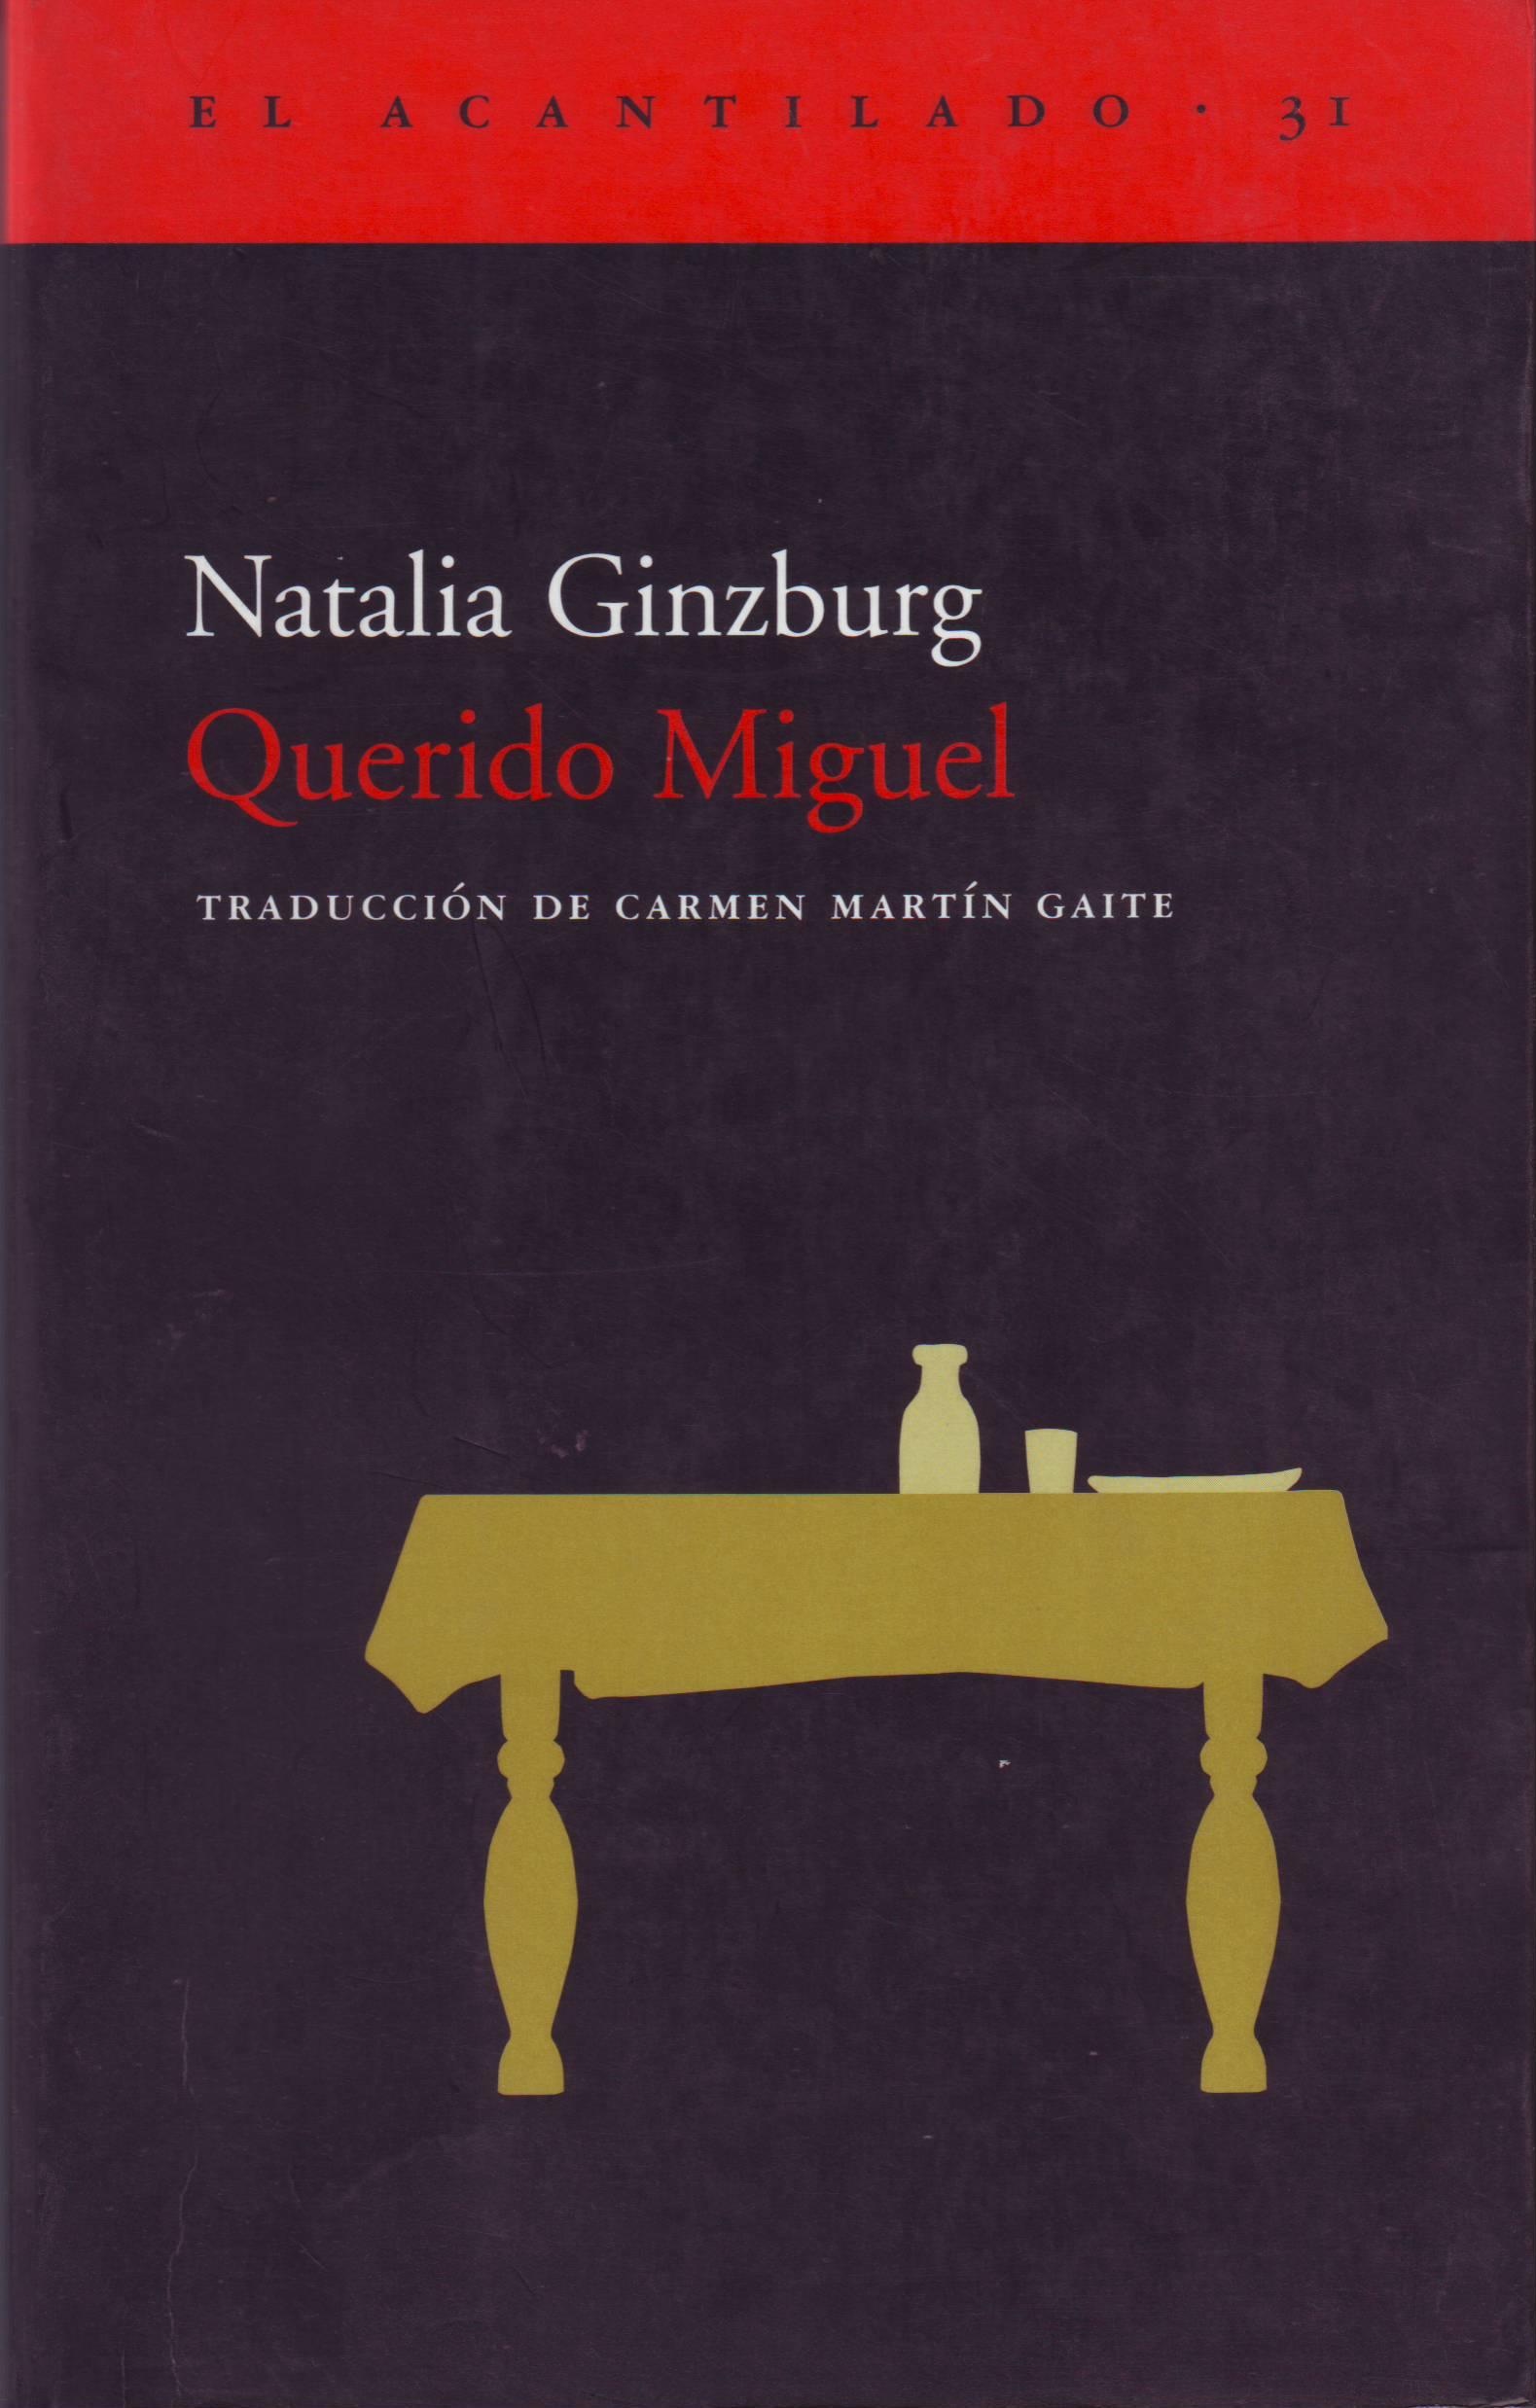 23. Querido Miguel de Natalia Ginzburg